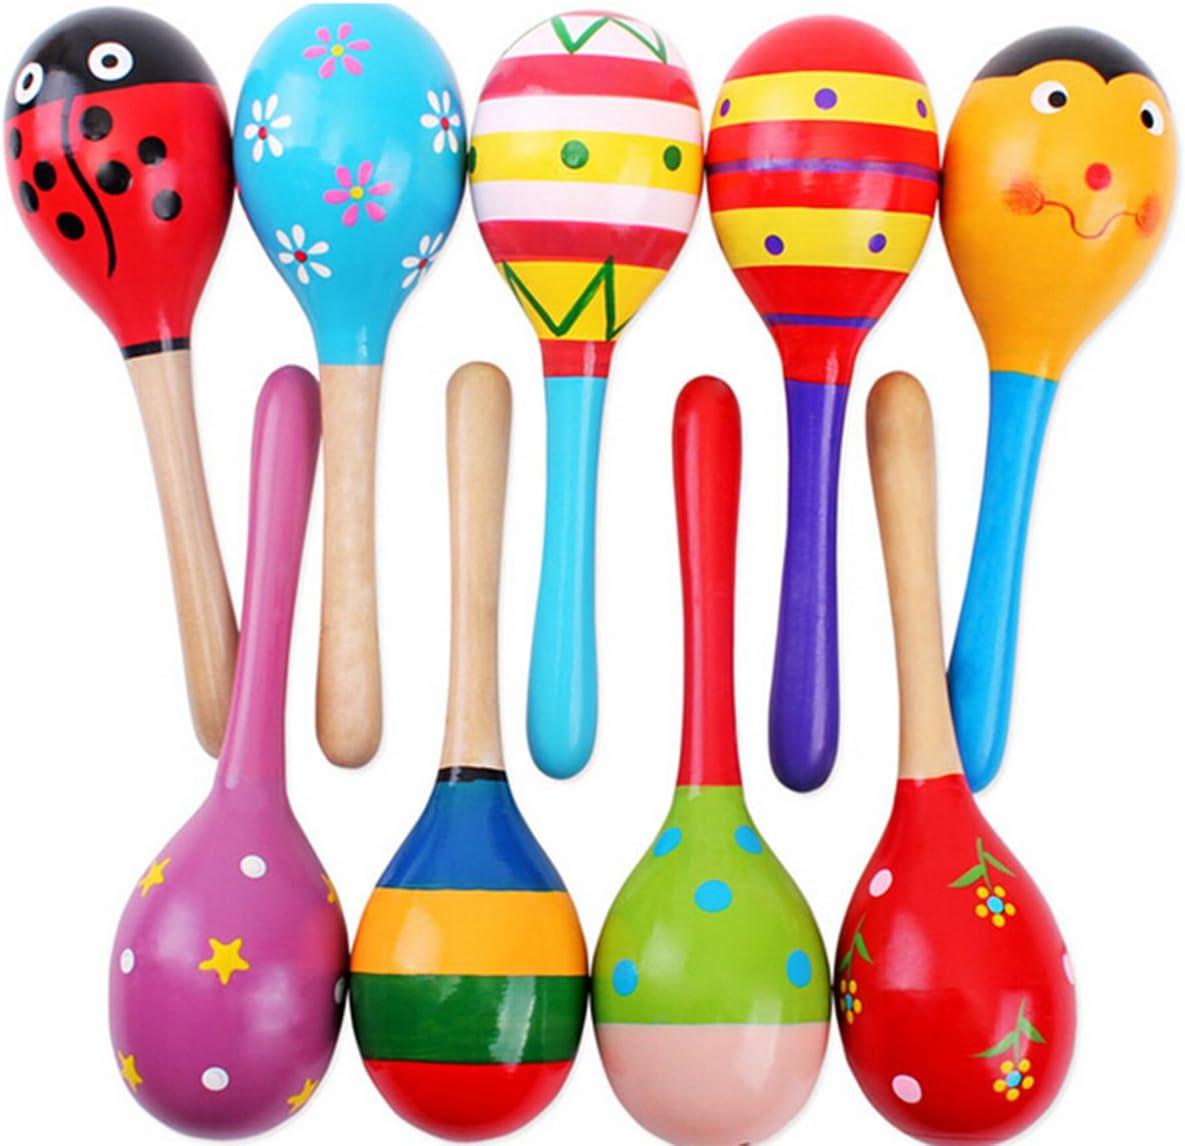 Tinksky 2pcs 11,5 Cm Bambini Funny Kids In Legno Maracas Sonaglio Giocattoli Educativi Musicali Shakers Colore Casuale